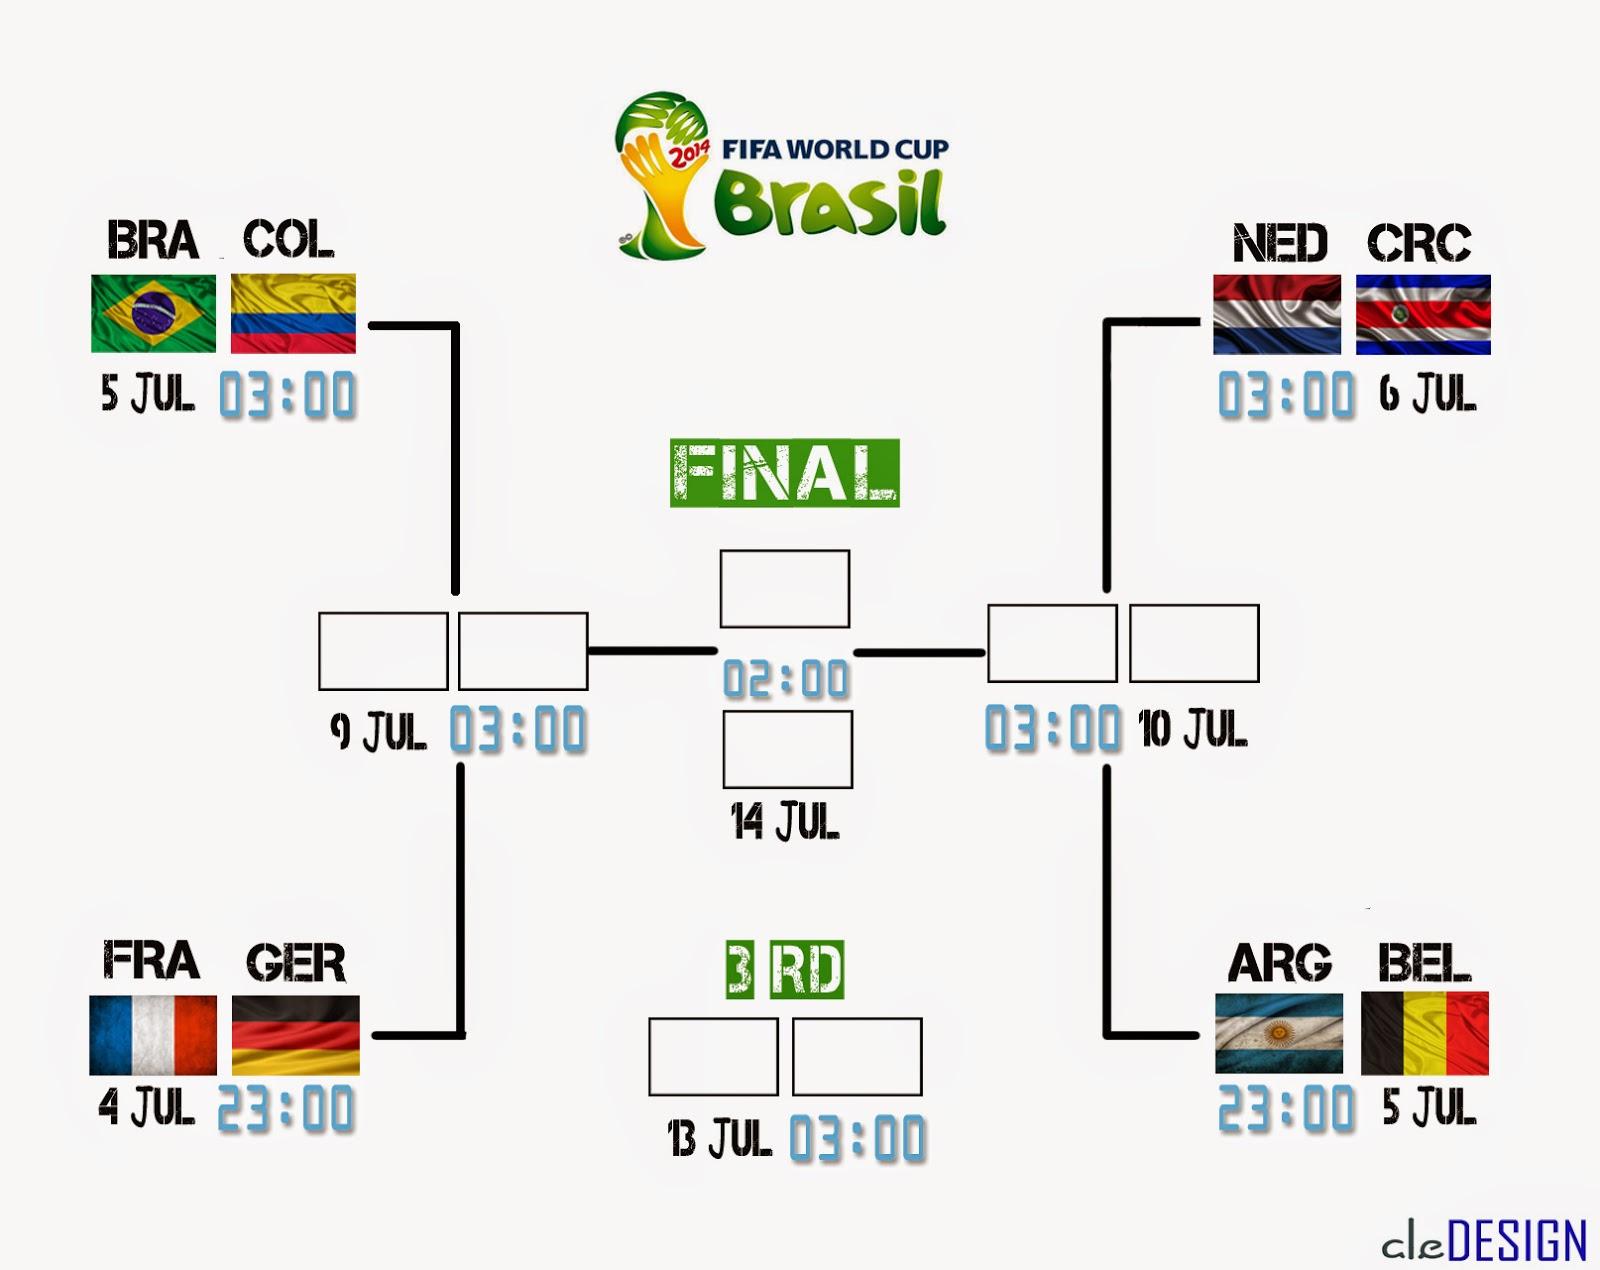 Bagan Skema Perempat Final Piala Dunia